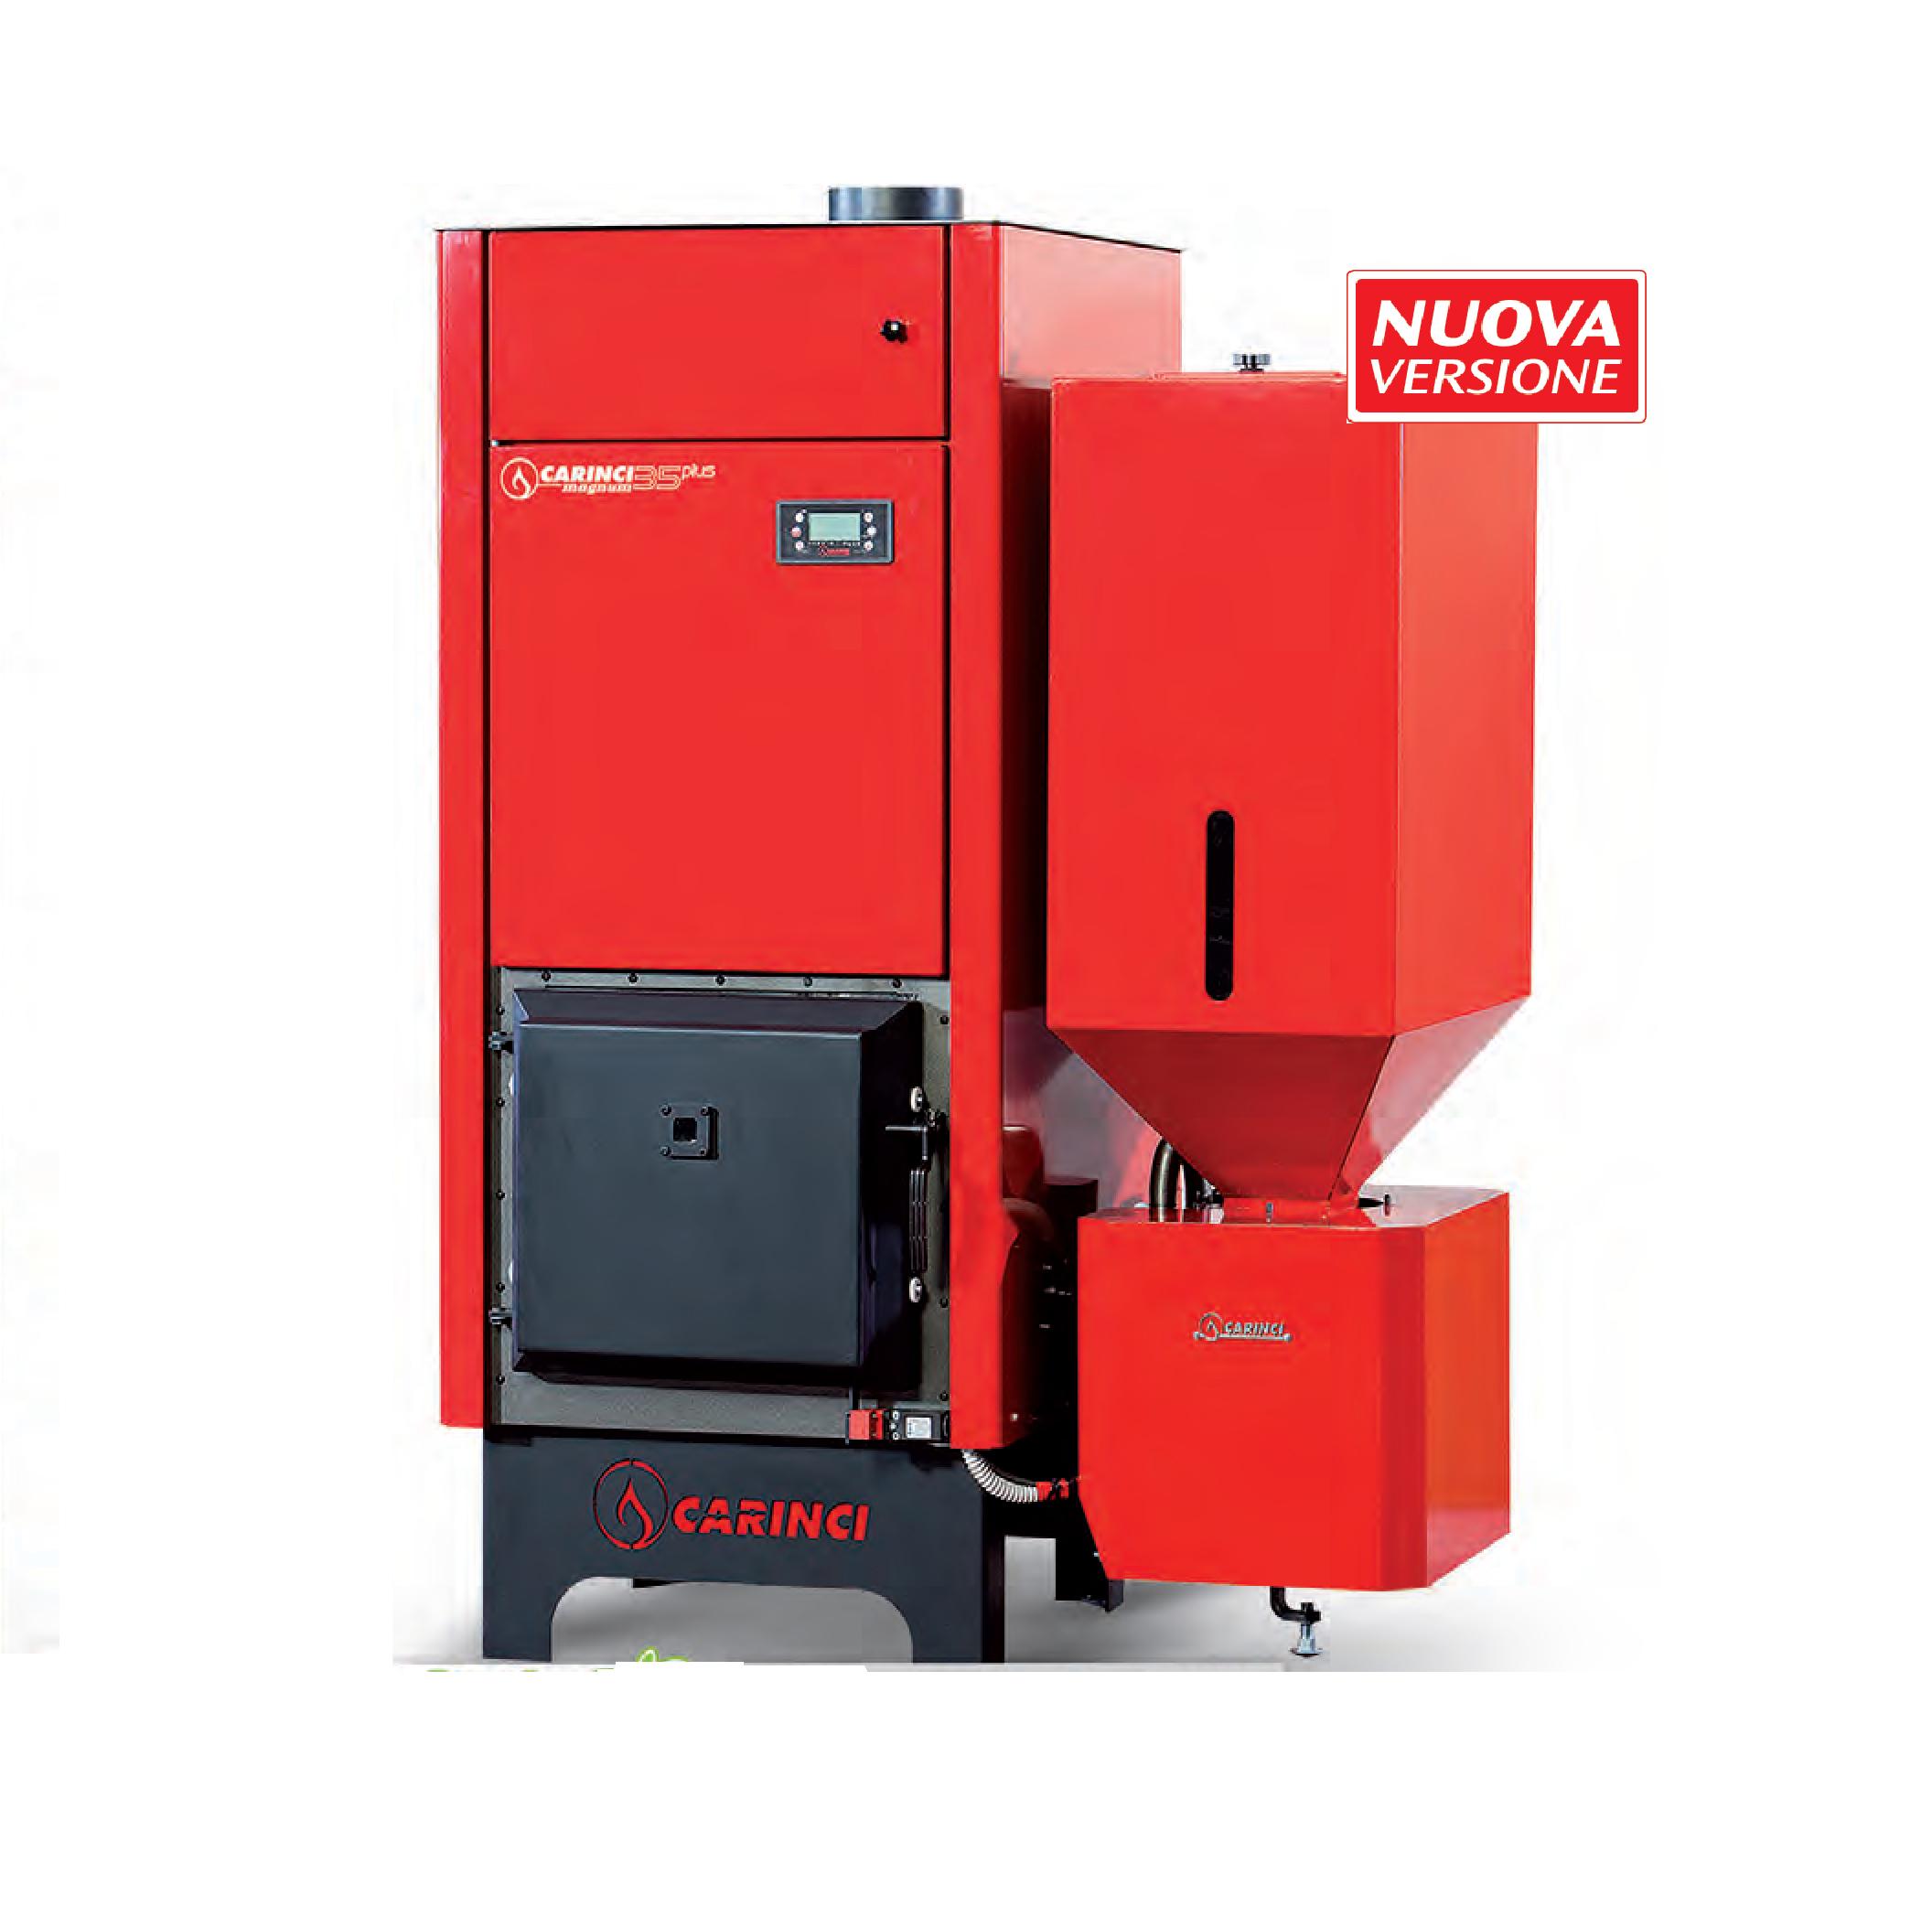 Vemat termoidraulica arredamento e sanitari via for Caldaia a biomassa wikipedia